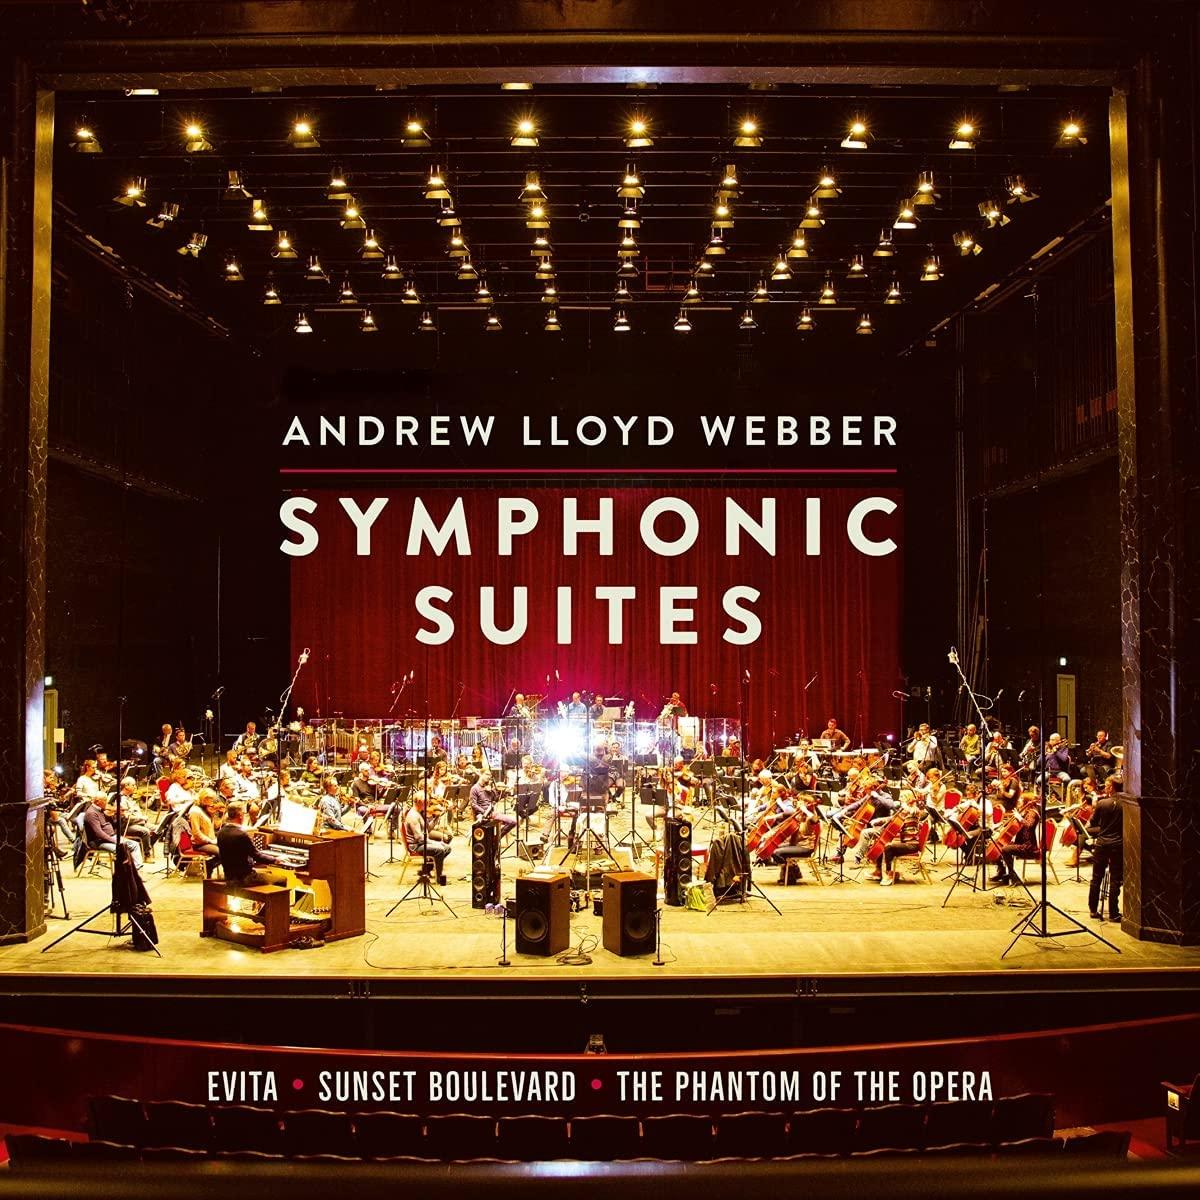 Review of A LLOYD WEBBER 'Symphonic Suites'